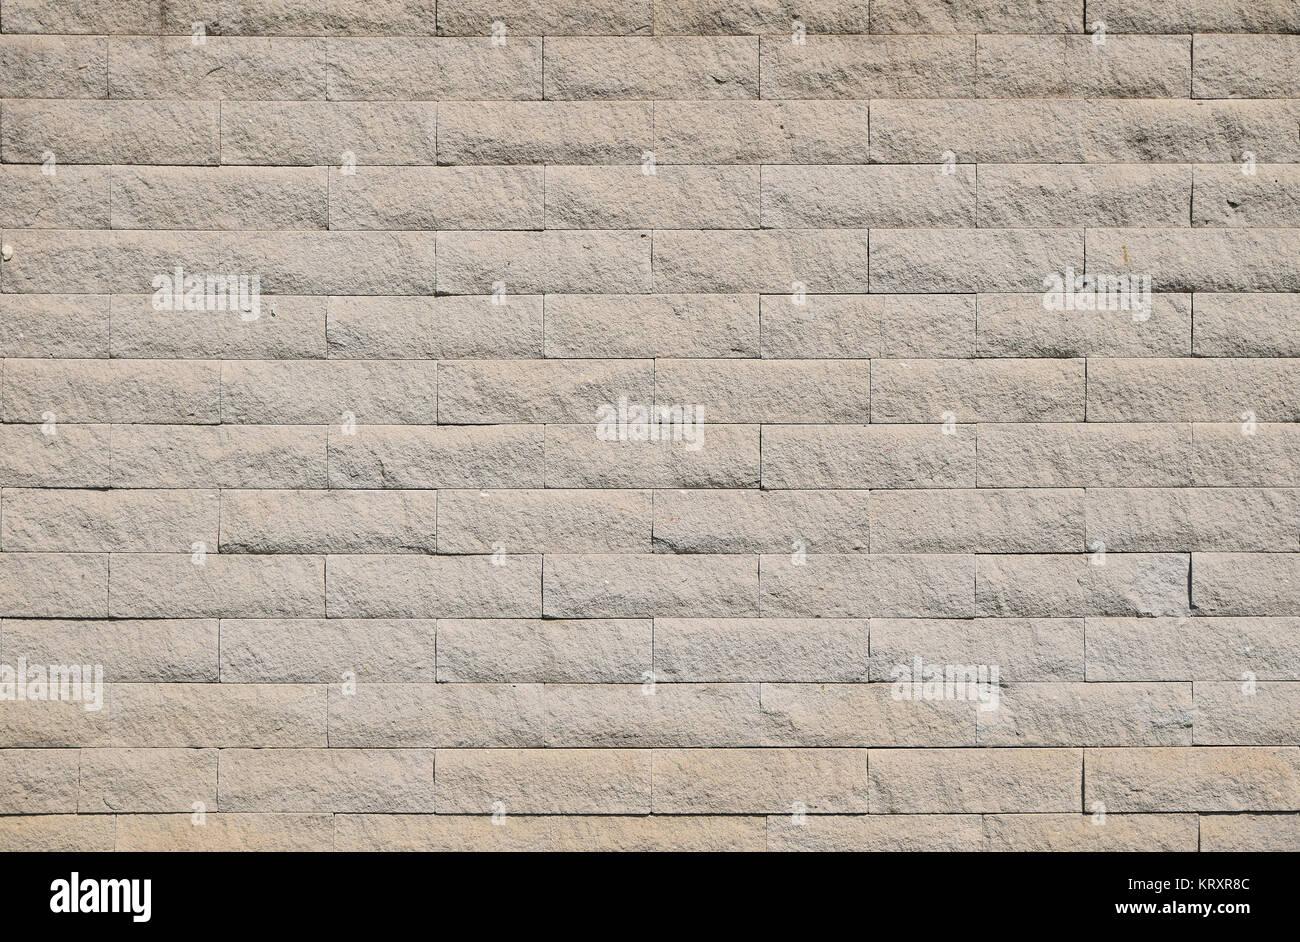 In mattoni beige piastrelle di pietra della parete texture di sfondo